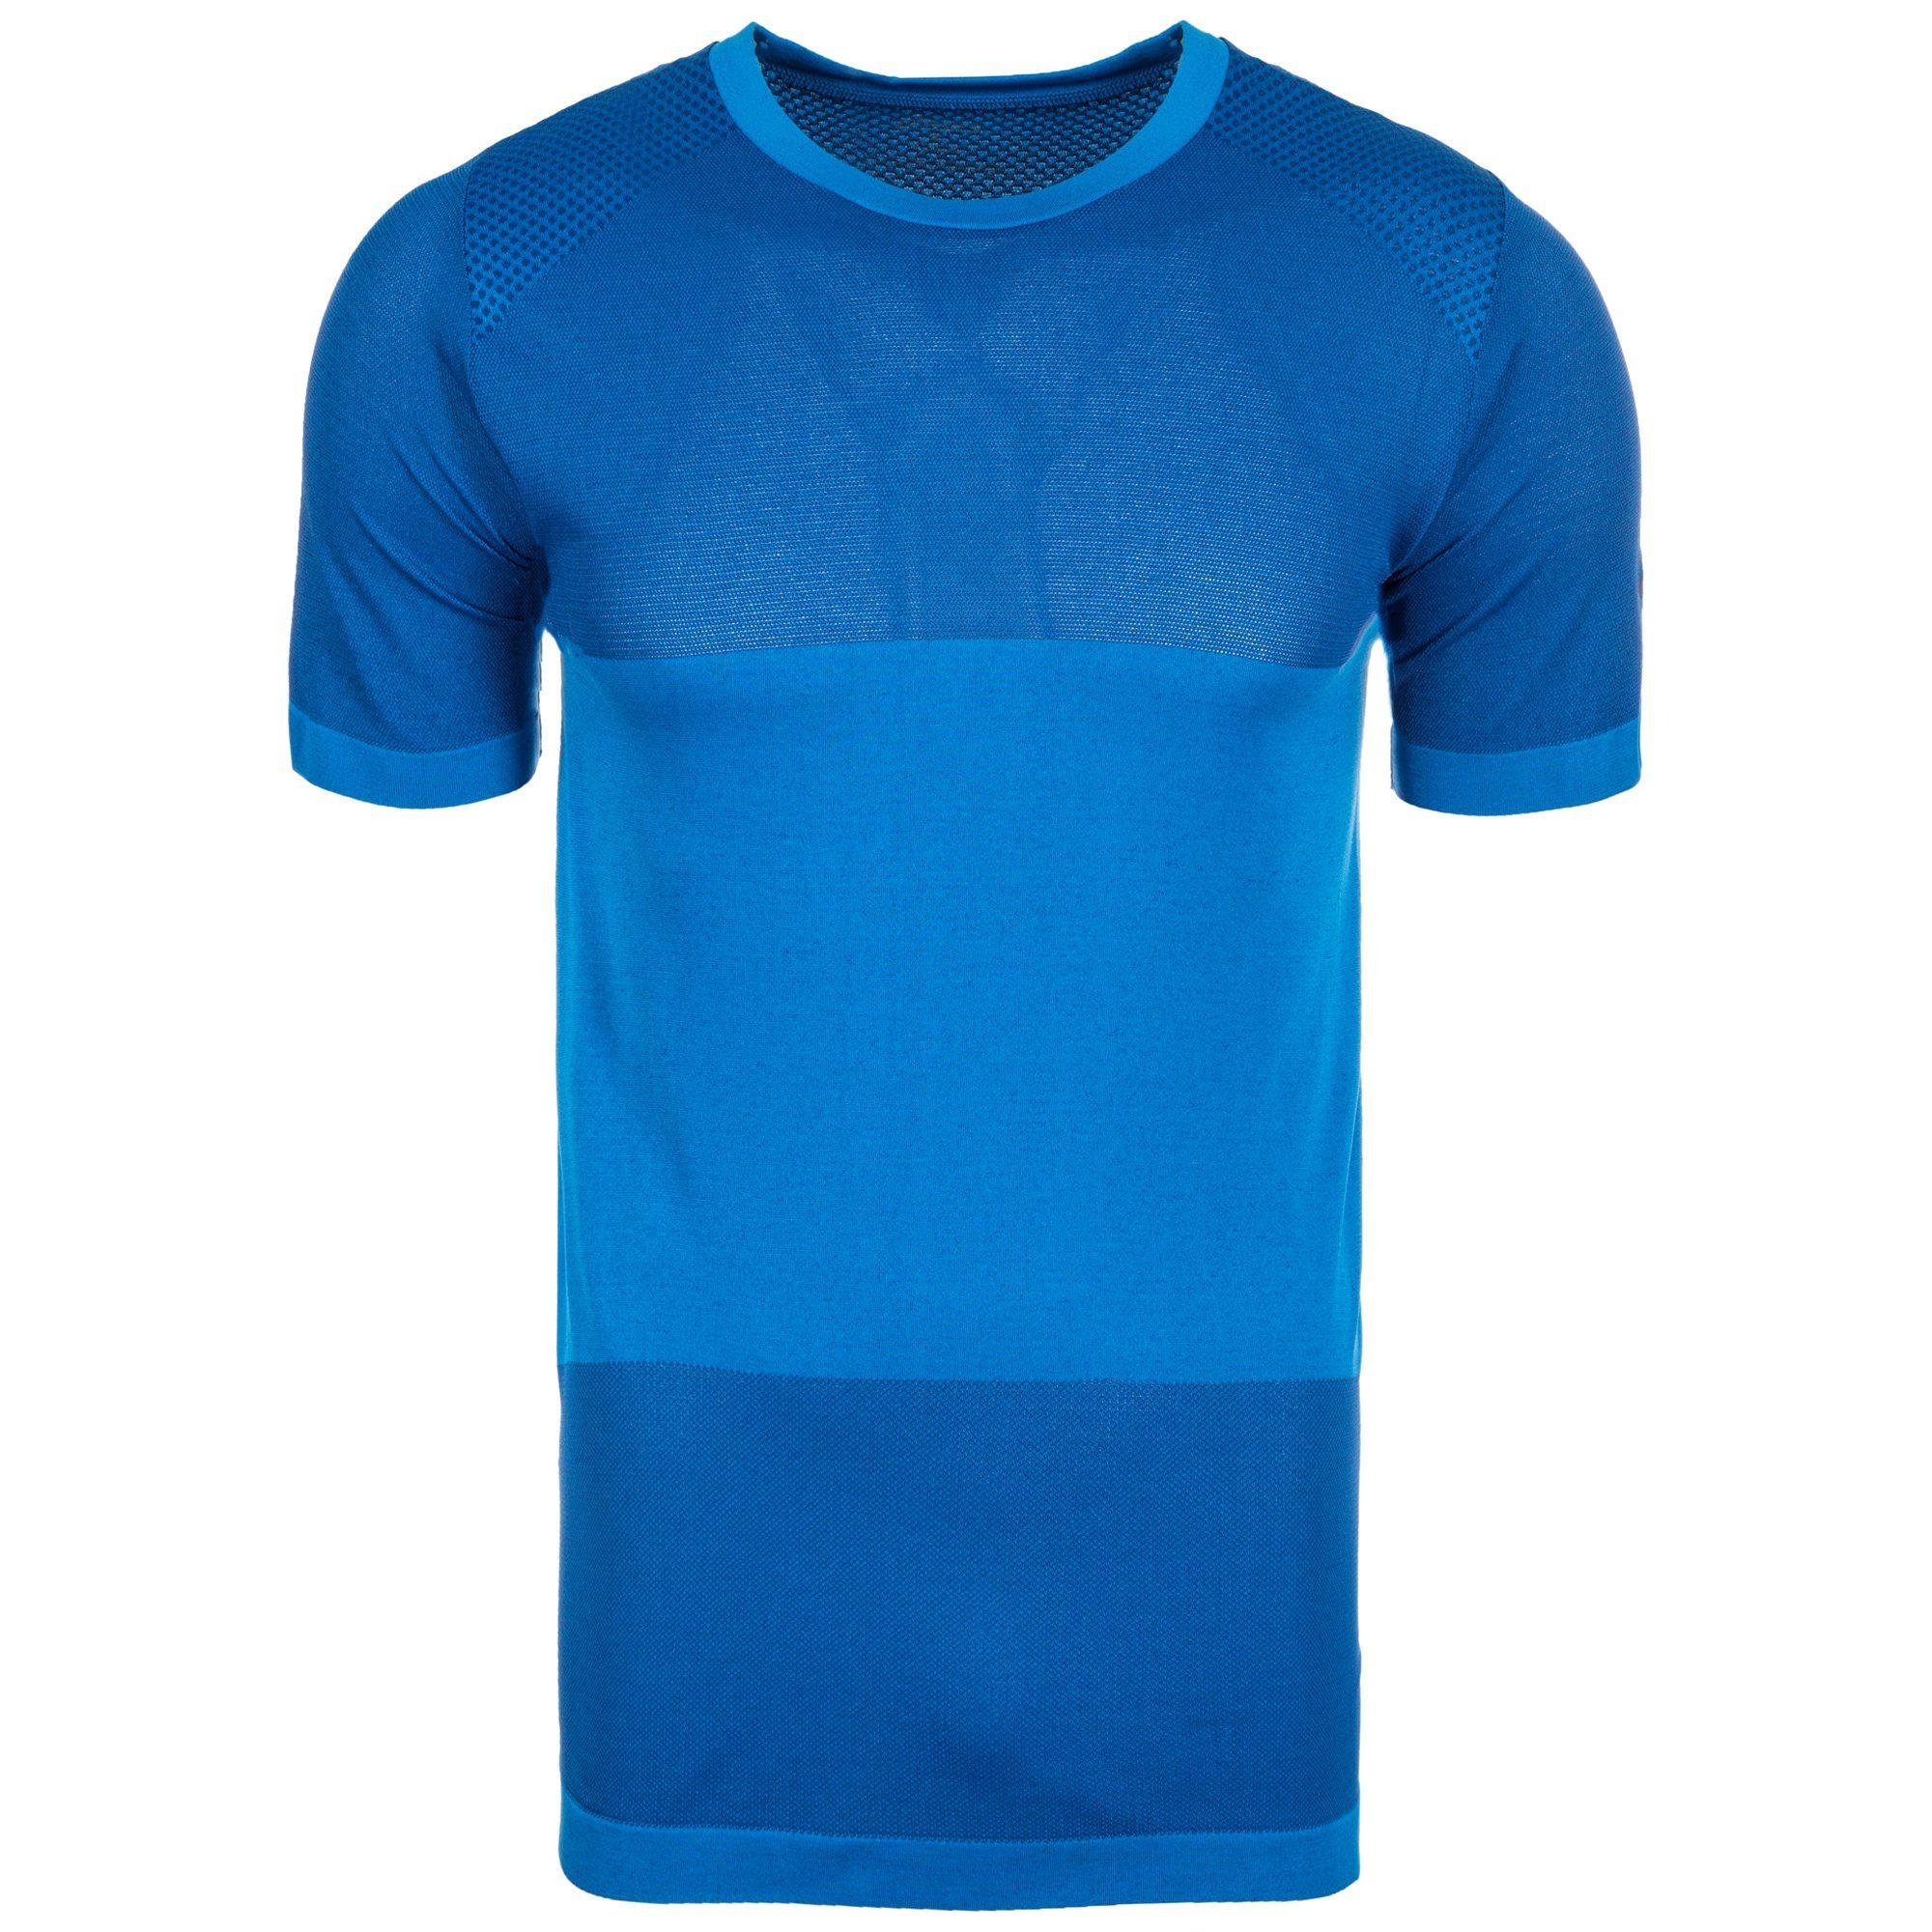 Asics Laufshirt Fuzex Seamless | Sportbekleidung > Sportshirts > Laufshirts | Blau | Asics